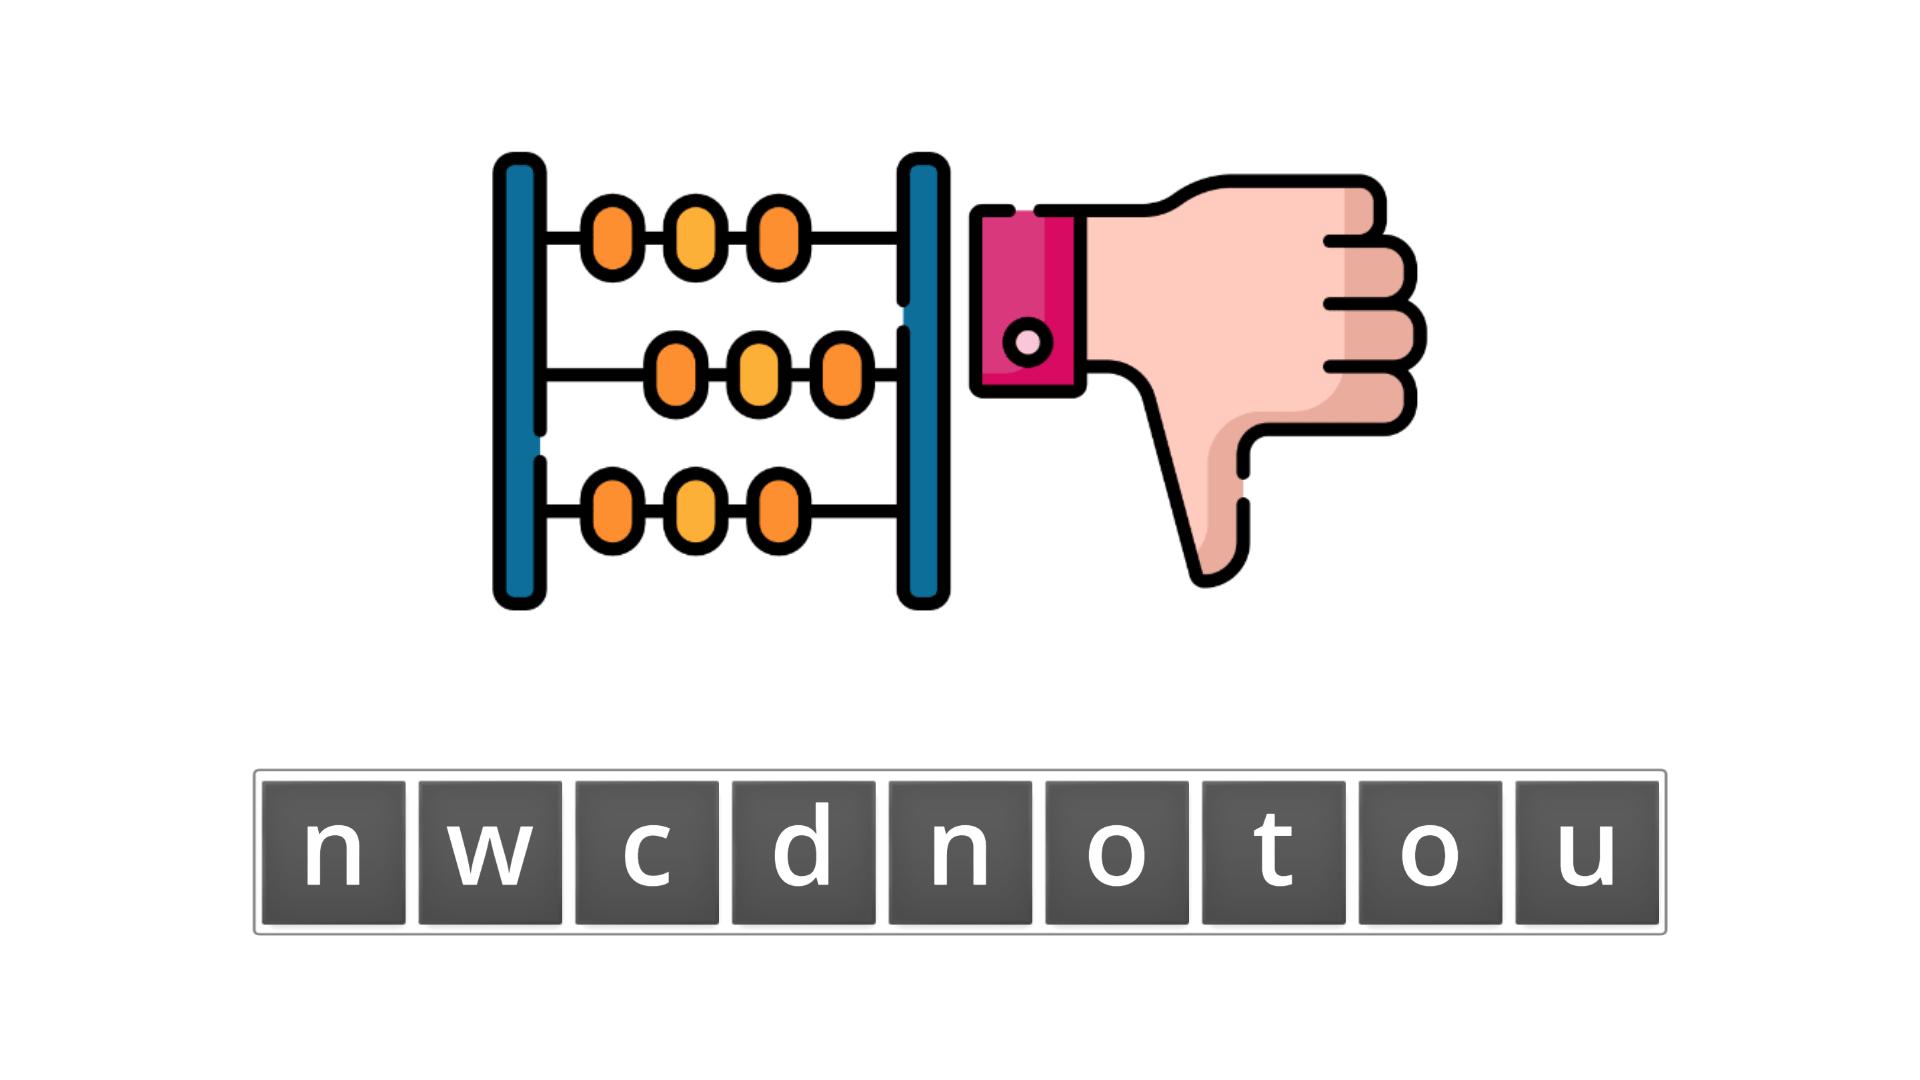 esl resources - flashcards - compound nouns  - unscramble - countdown